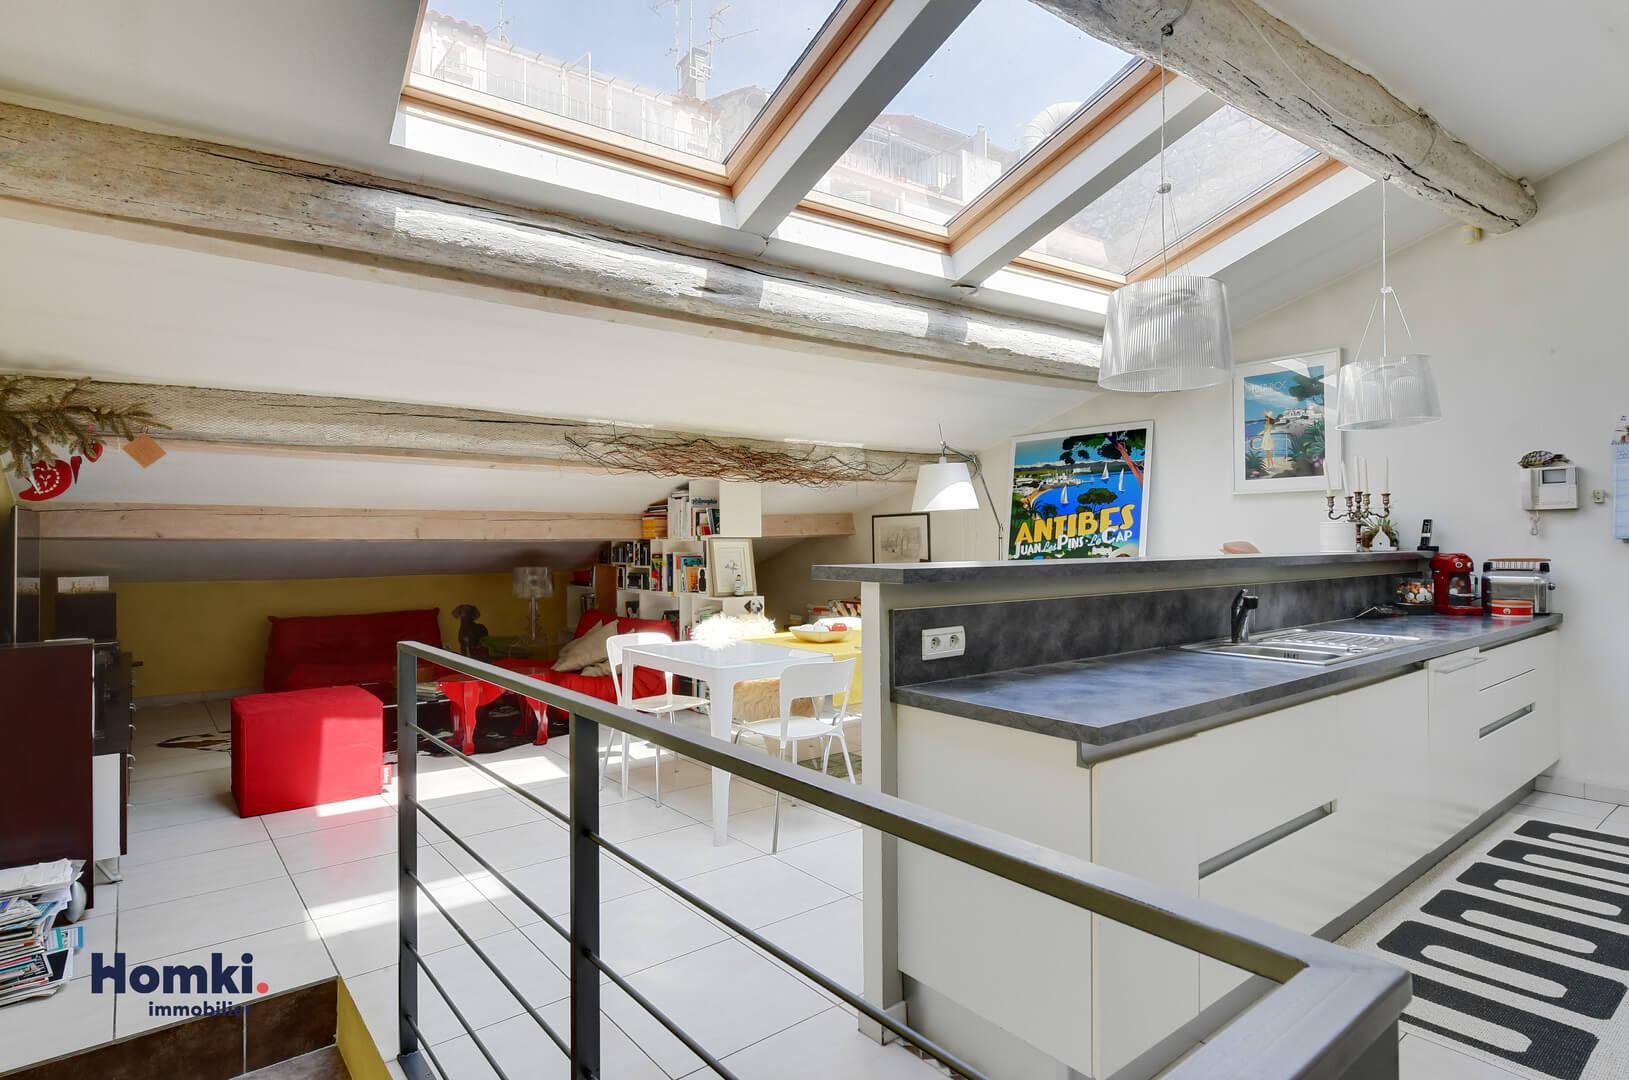 Vente appartement duplex Antibes 06600 T4 90m²_2